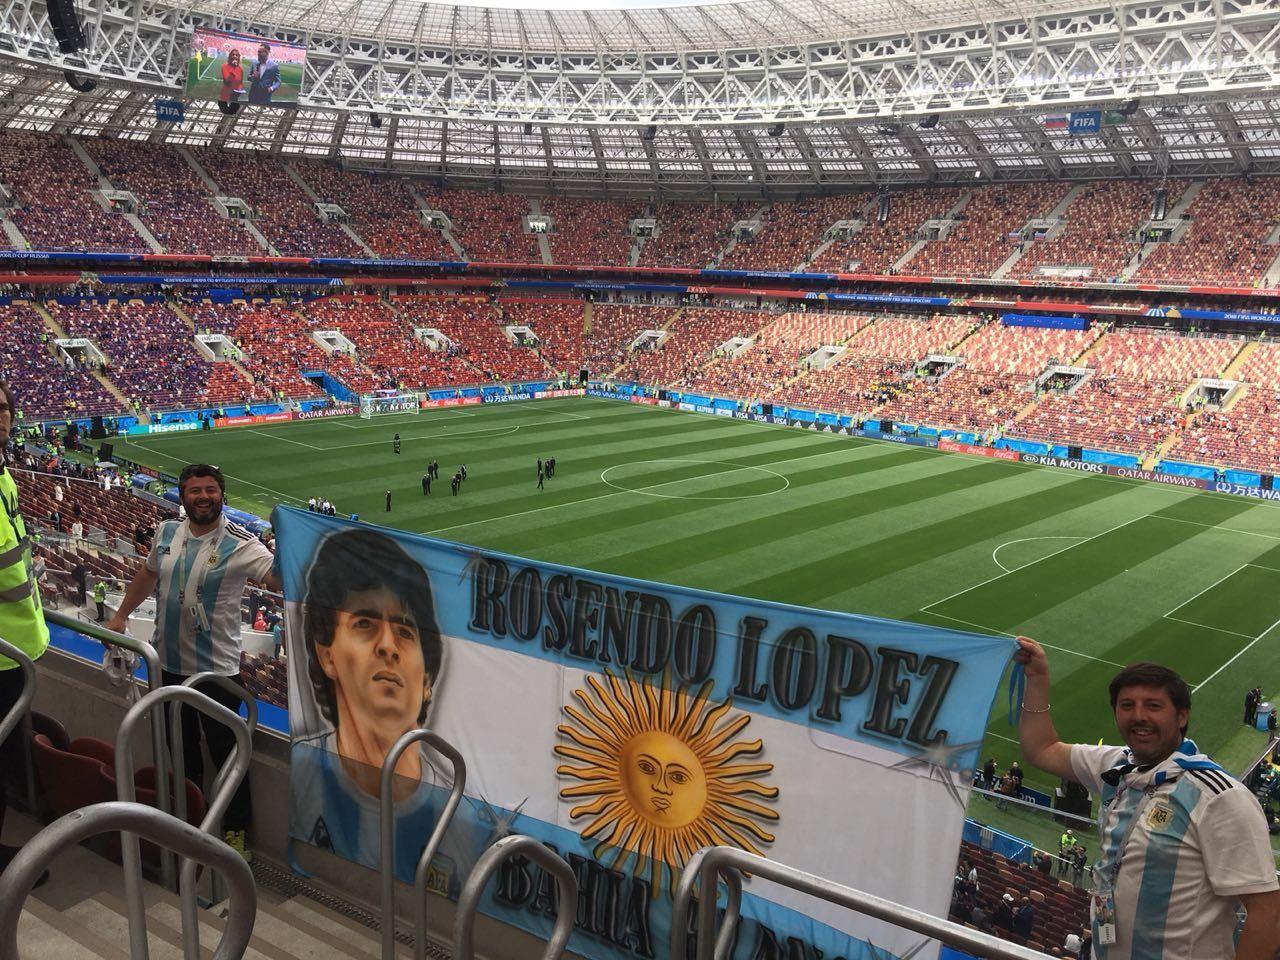 El argentino del video es el hincha argentino que está a la derecha